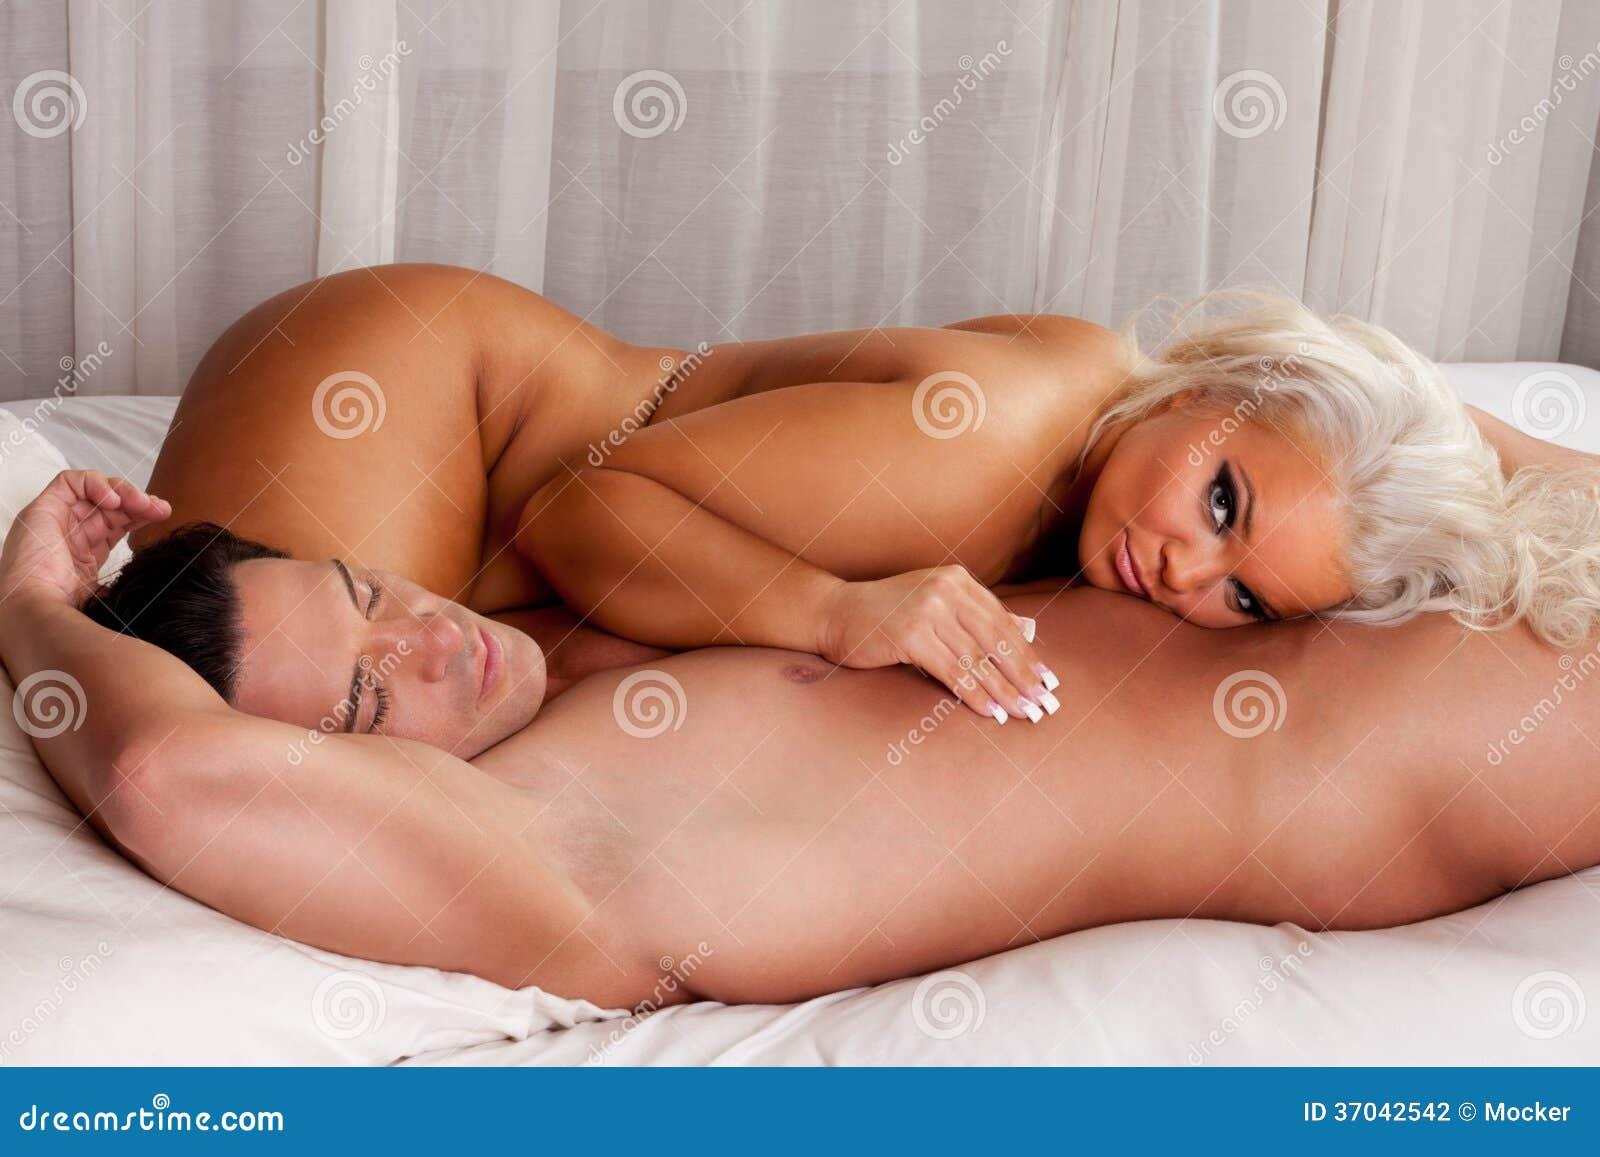 paar erotische massage klein